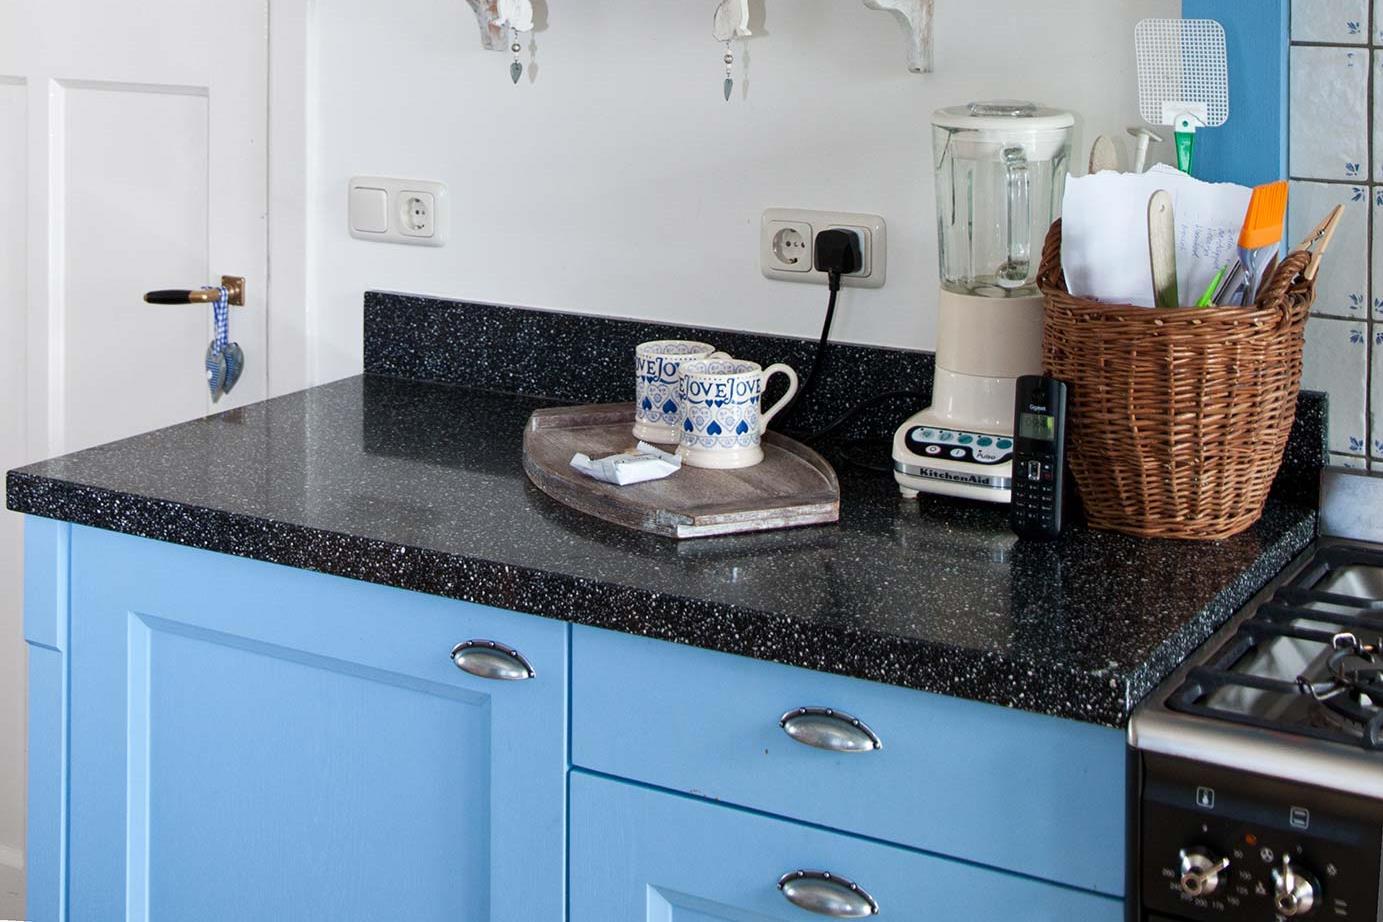 Handgrepen keuken modellen praktisch advies pelma